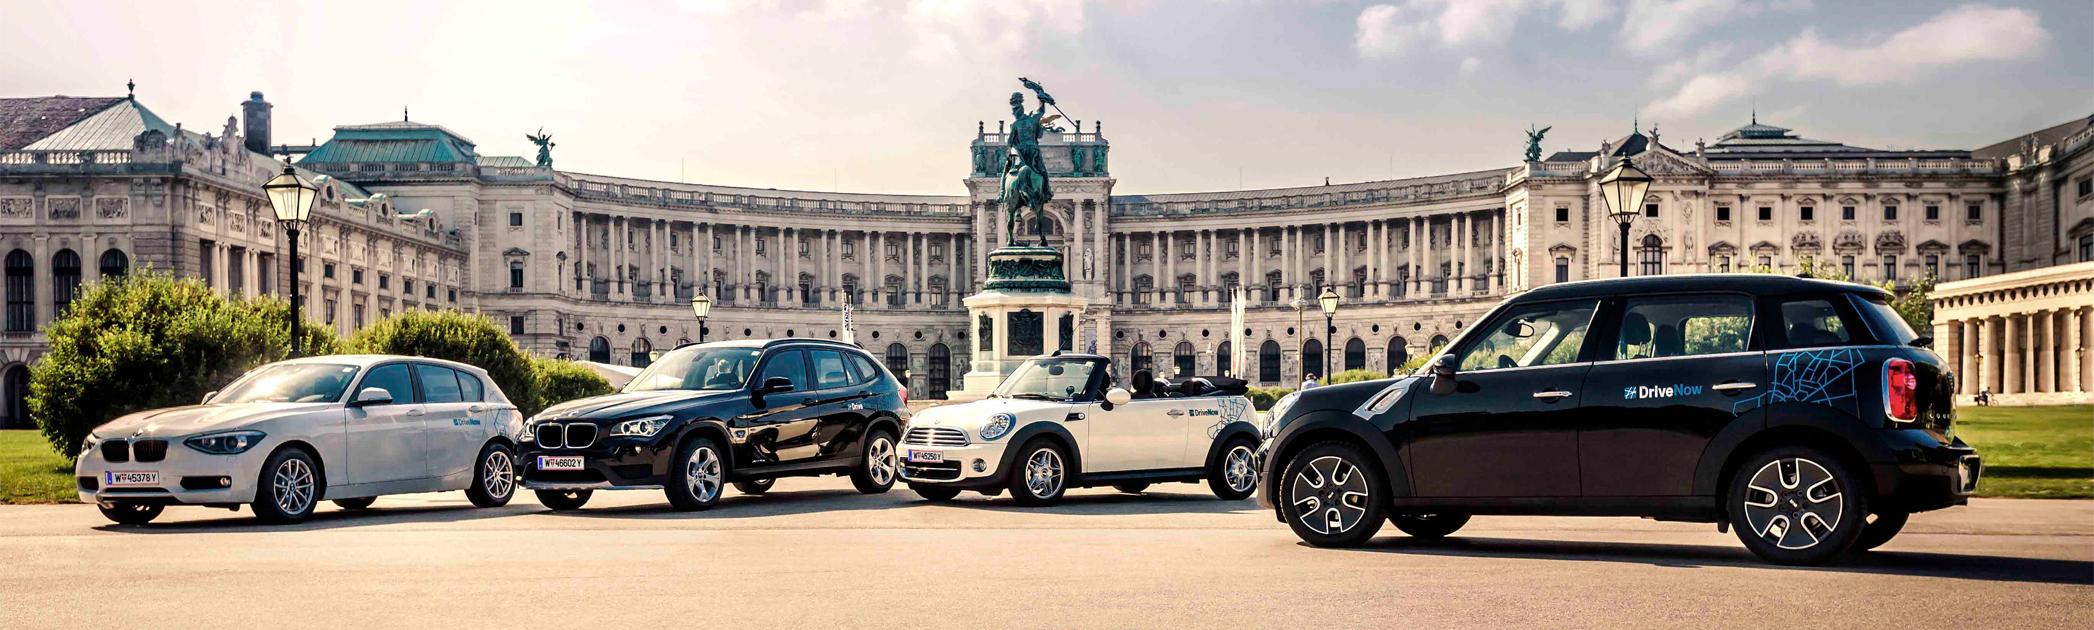 Die DriveNow Flotte auf dem Heldenplatz in Wien